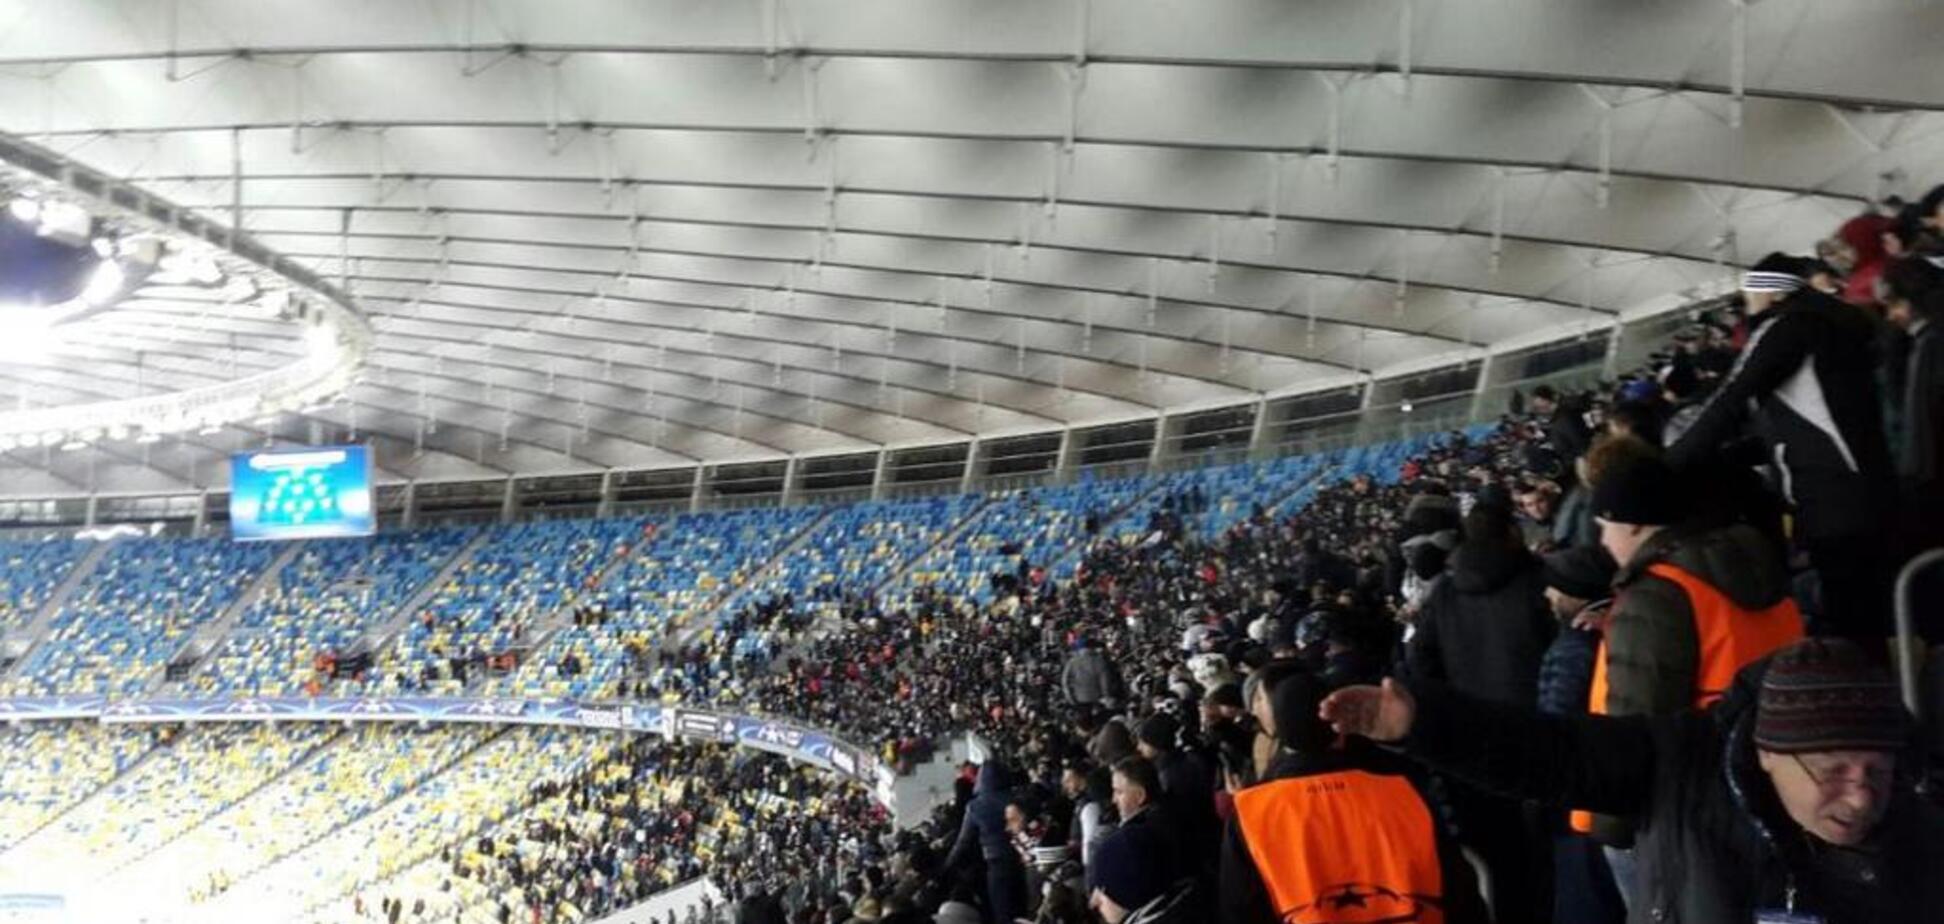 Уболівальники в Києві ледь не зірвали матч 'Шахтар' - 'Ліон'